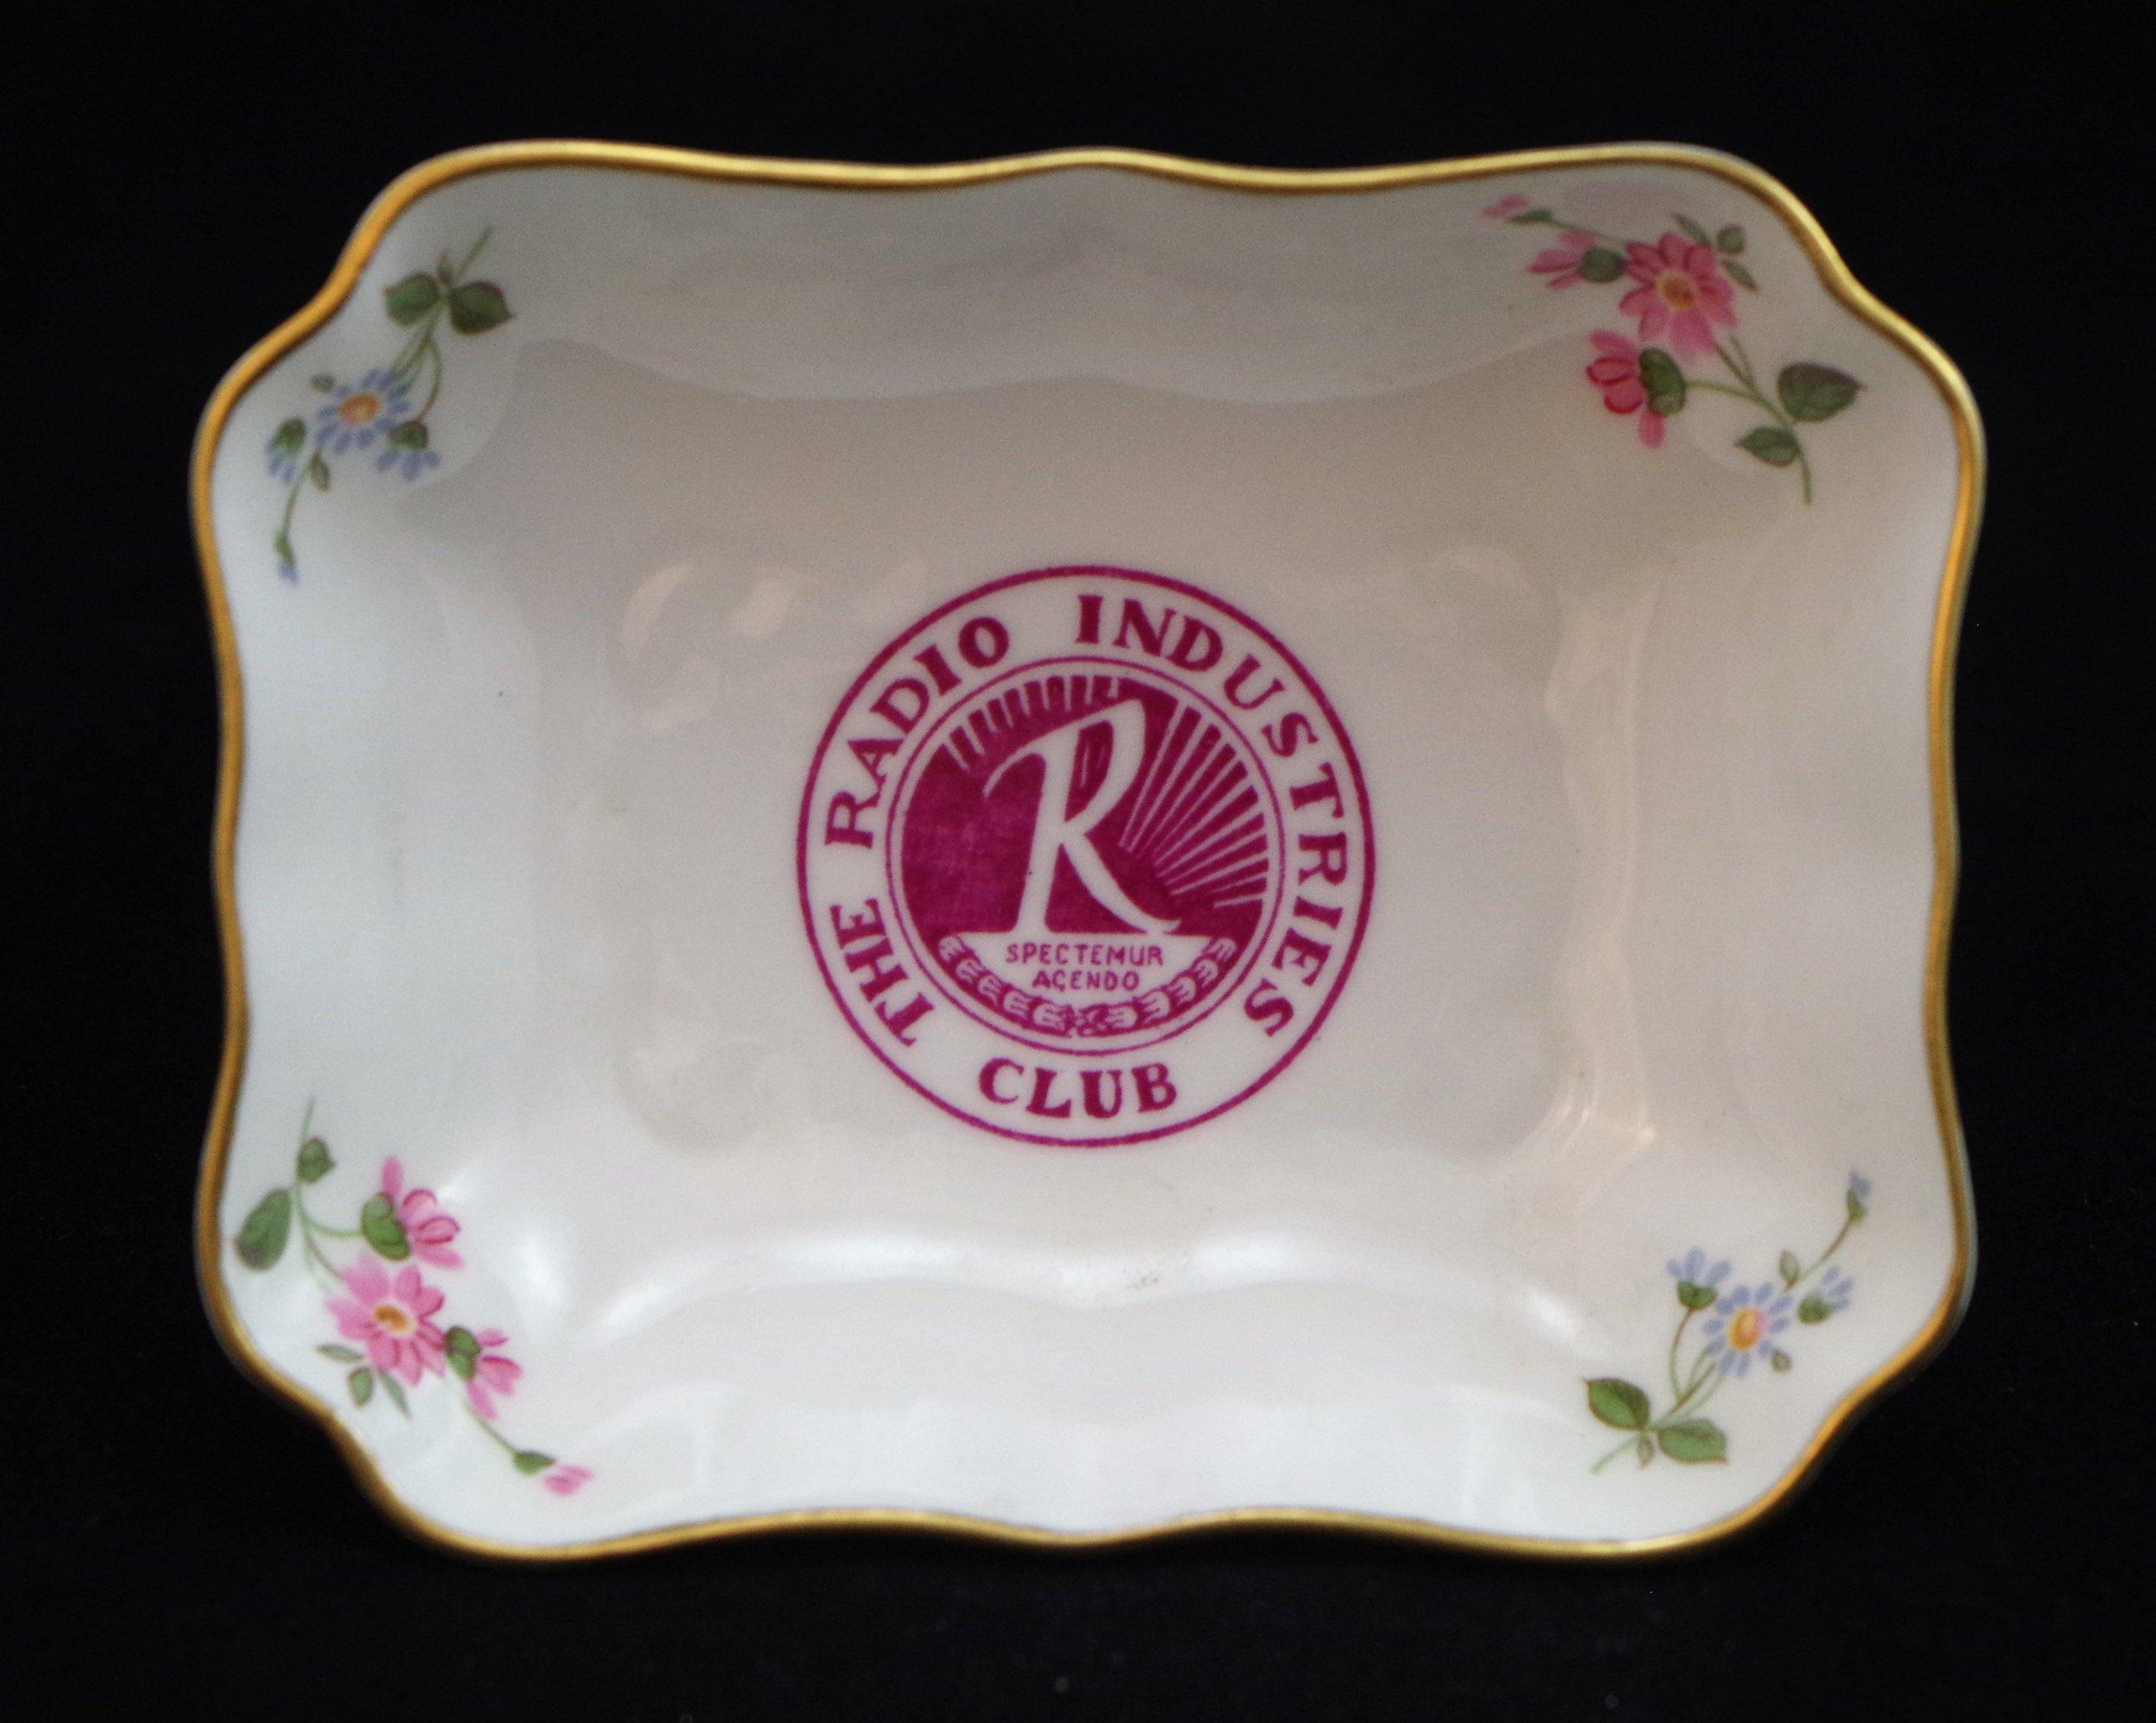 royal-crown-derby-1800-shape-oblong-tray-radio-industries-club